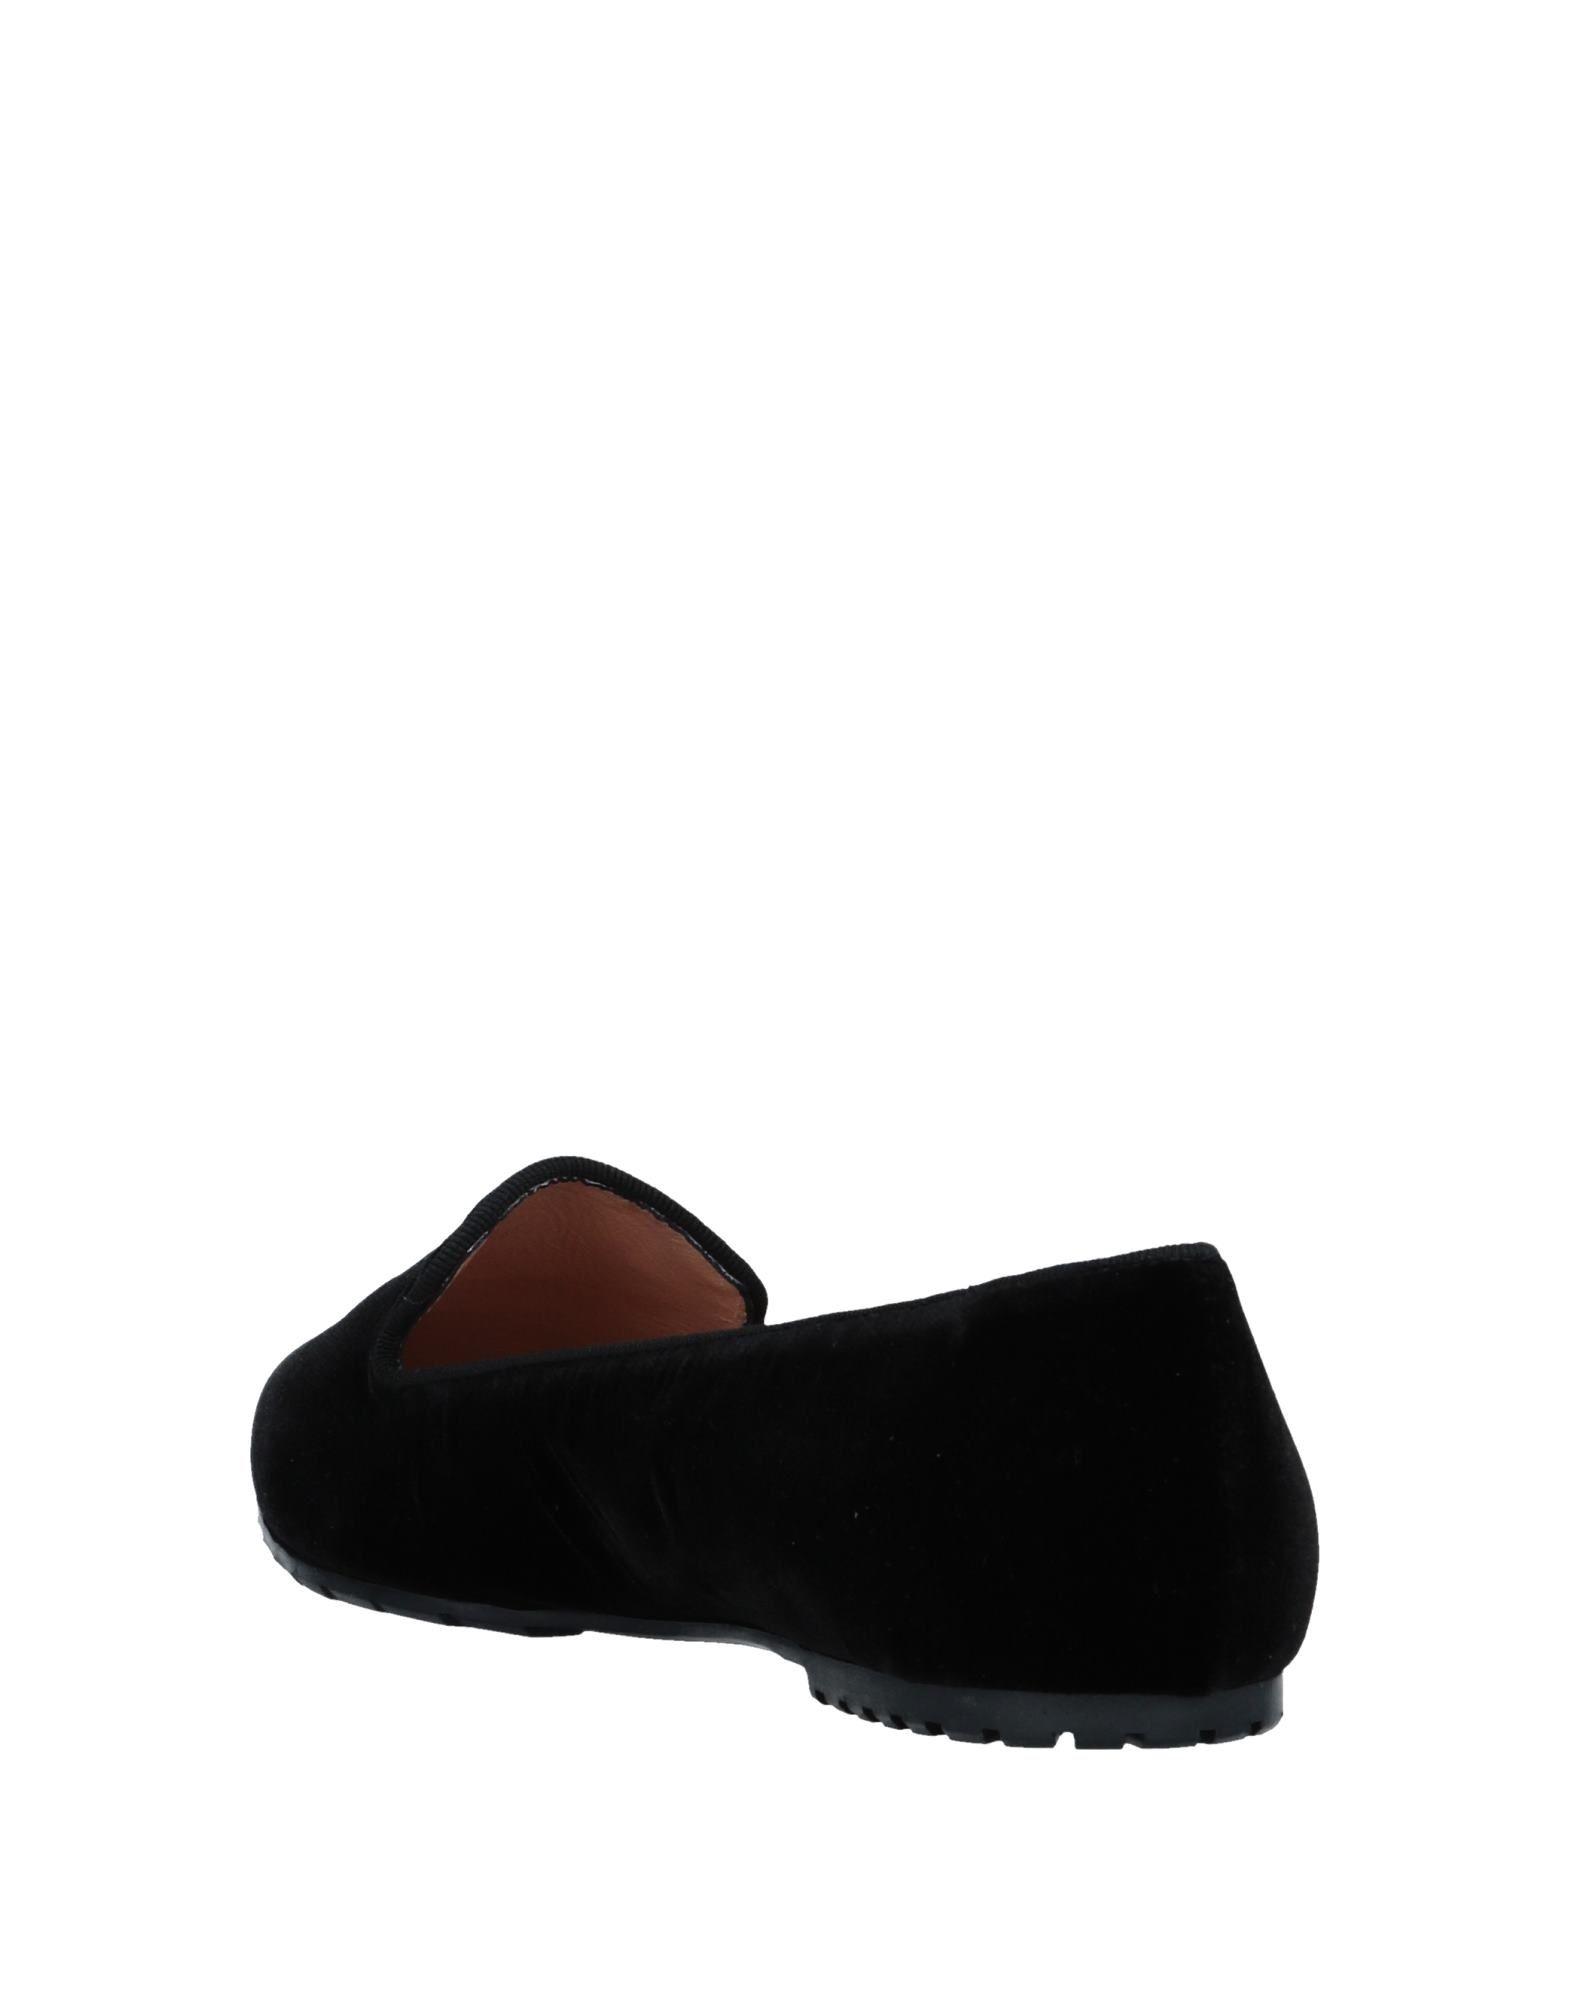 Michael Dass Mokassins Damen  Schuhe 11508287LA Gute Qualität beliebte Schuhe  8f78f6